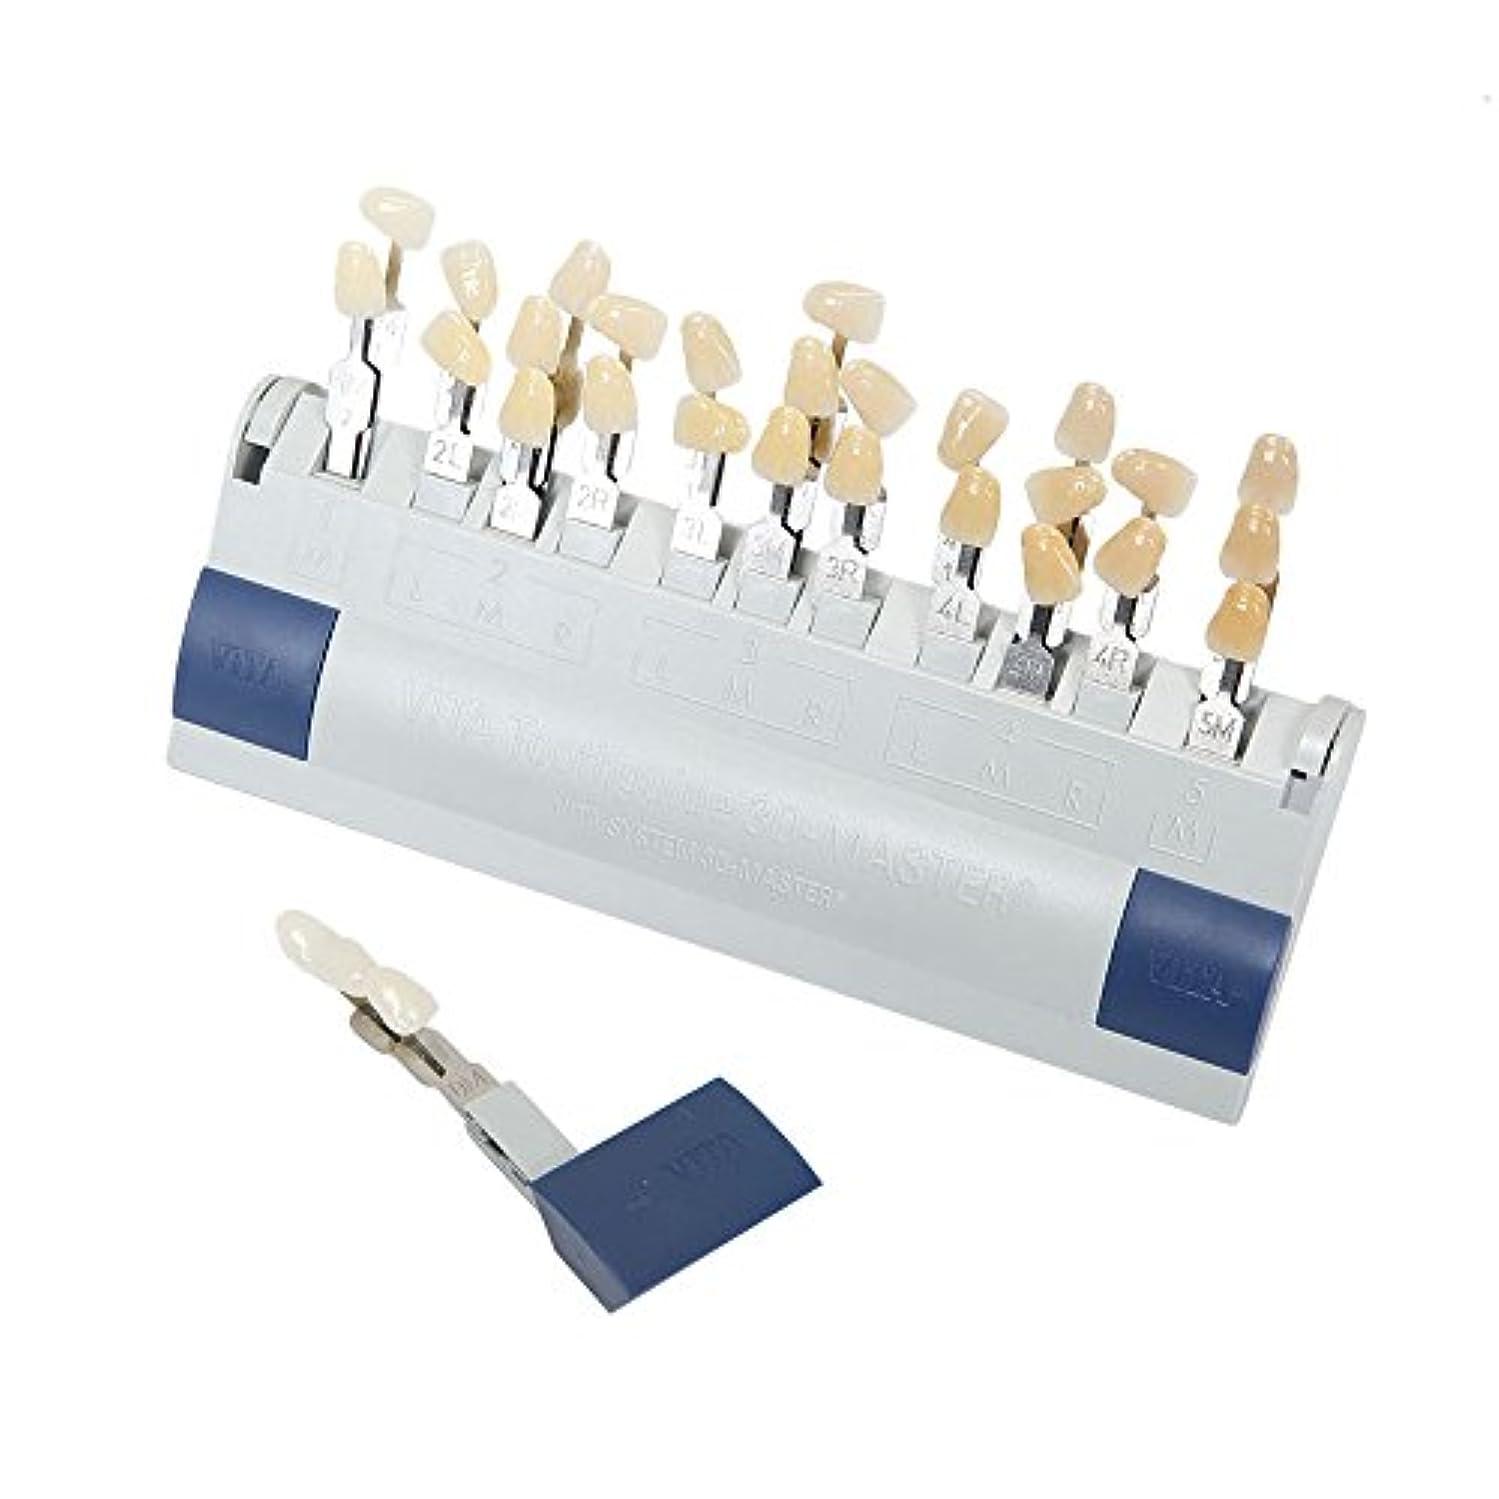 成り立つリダクター戦略VITA 歯科ホワイトニング シェードガイド 29色 3D 歯列模型ボード